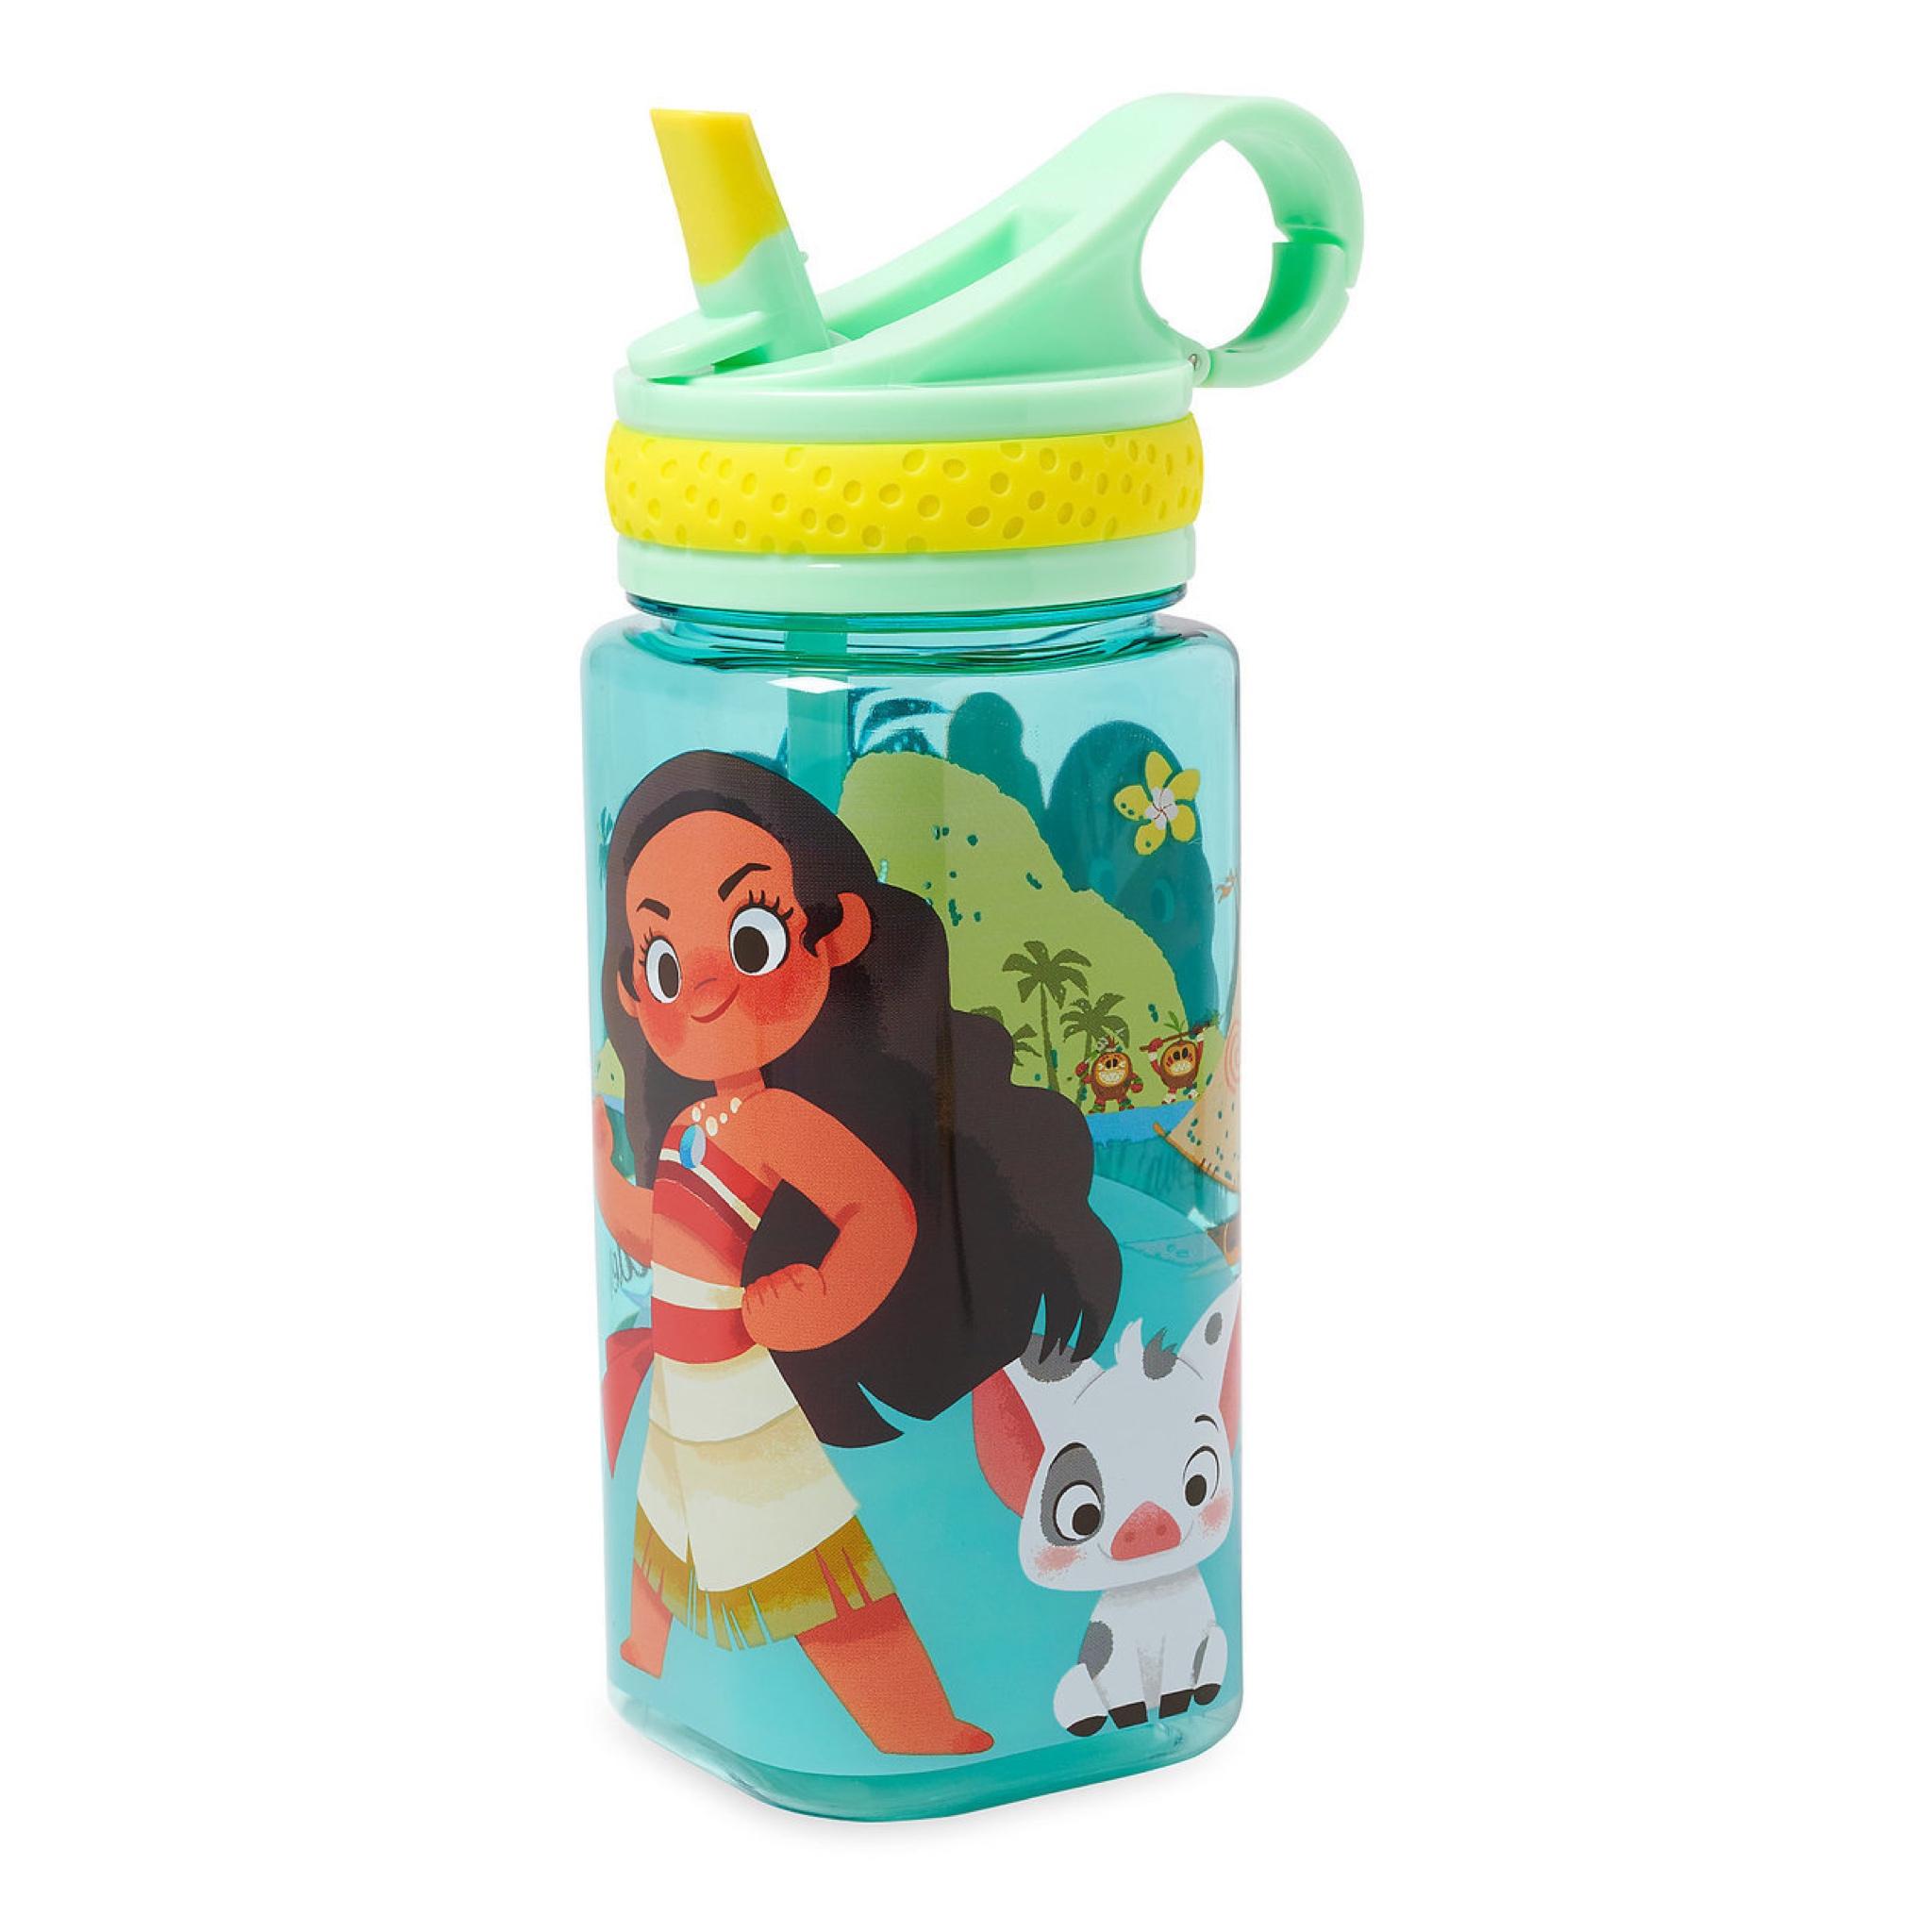 กระติกน้ำแบบหลอดดื่มสำหรับเด็ก Disney Water Bottle with Built-In Straw (Moana)